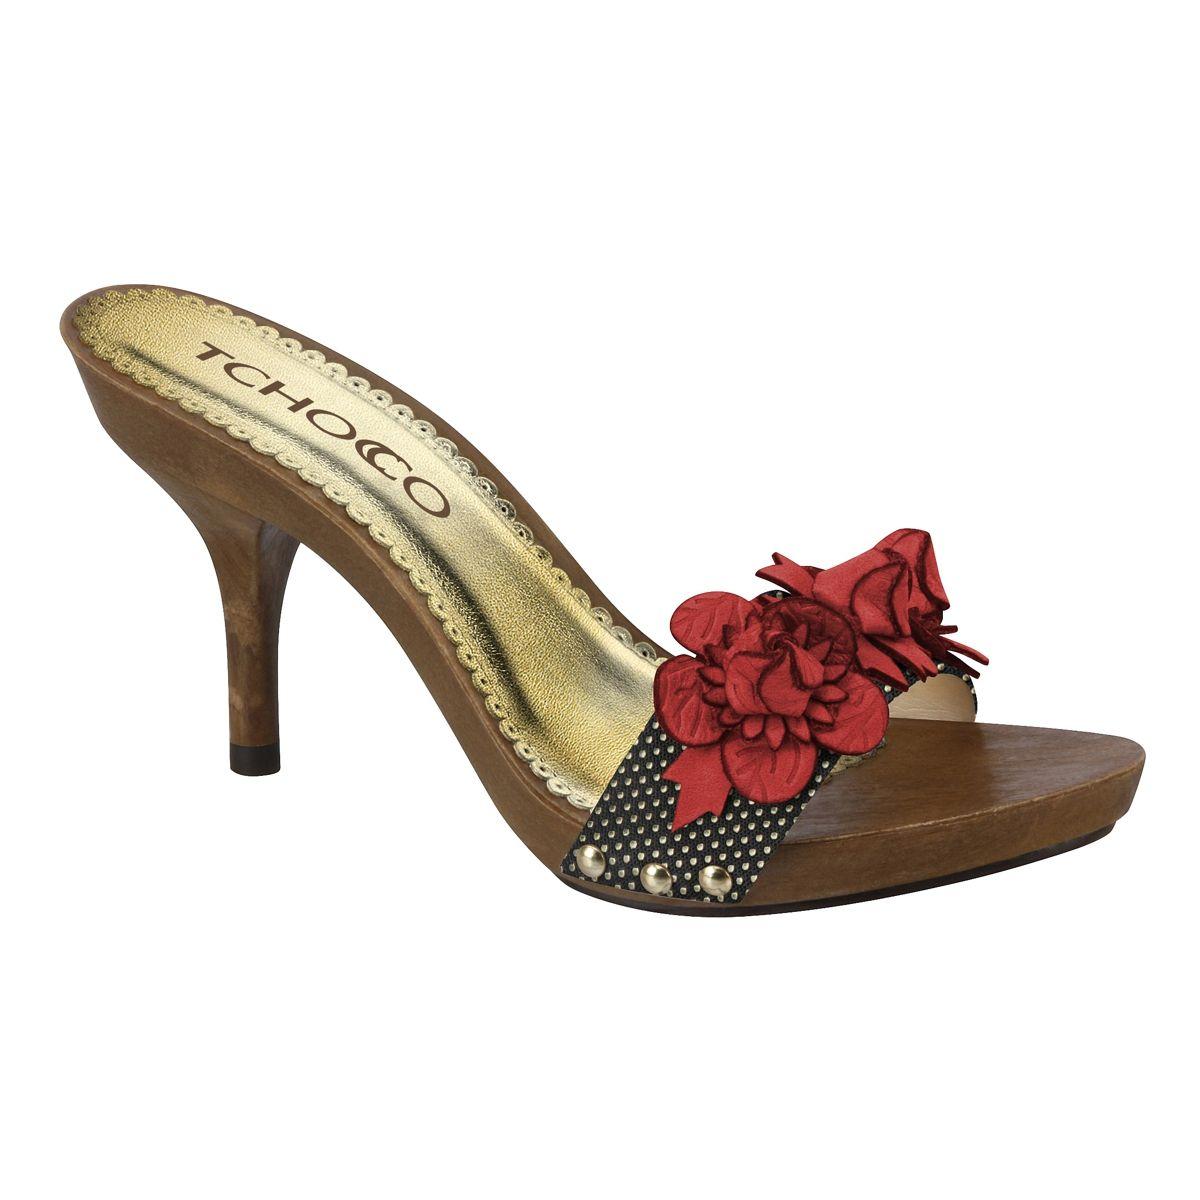 37f060f7de Tamancos - Ref 56908 - Coleção - Tchocco Calçados Femininos